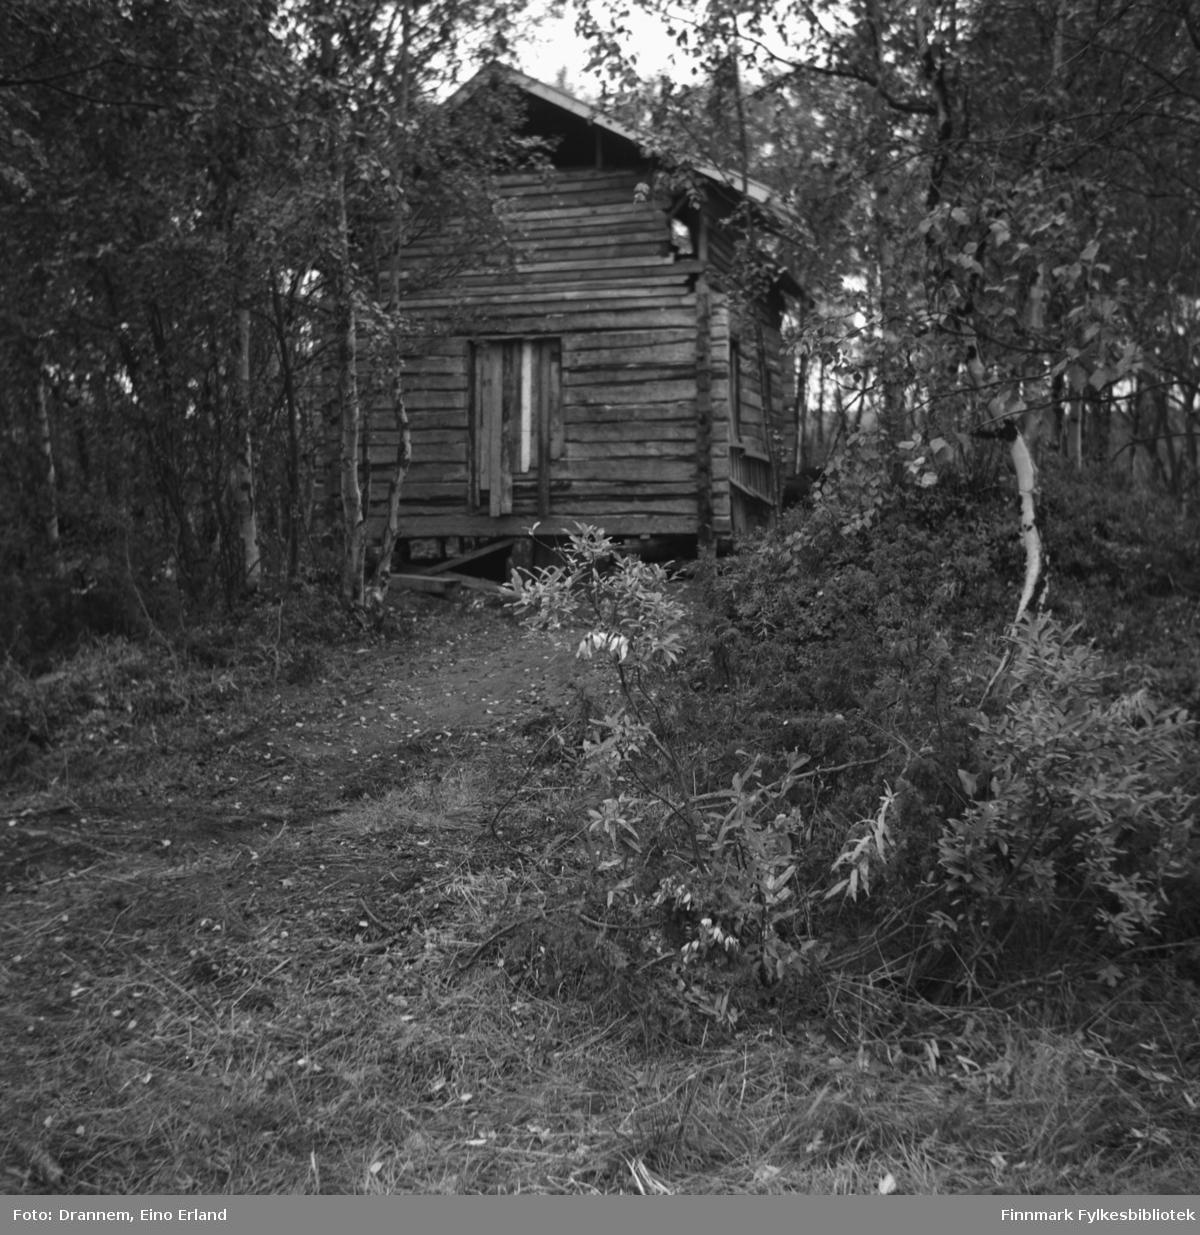 En hytte står i skogen i Neiden. Det kan være familien Drannems hytte.